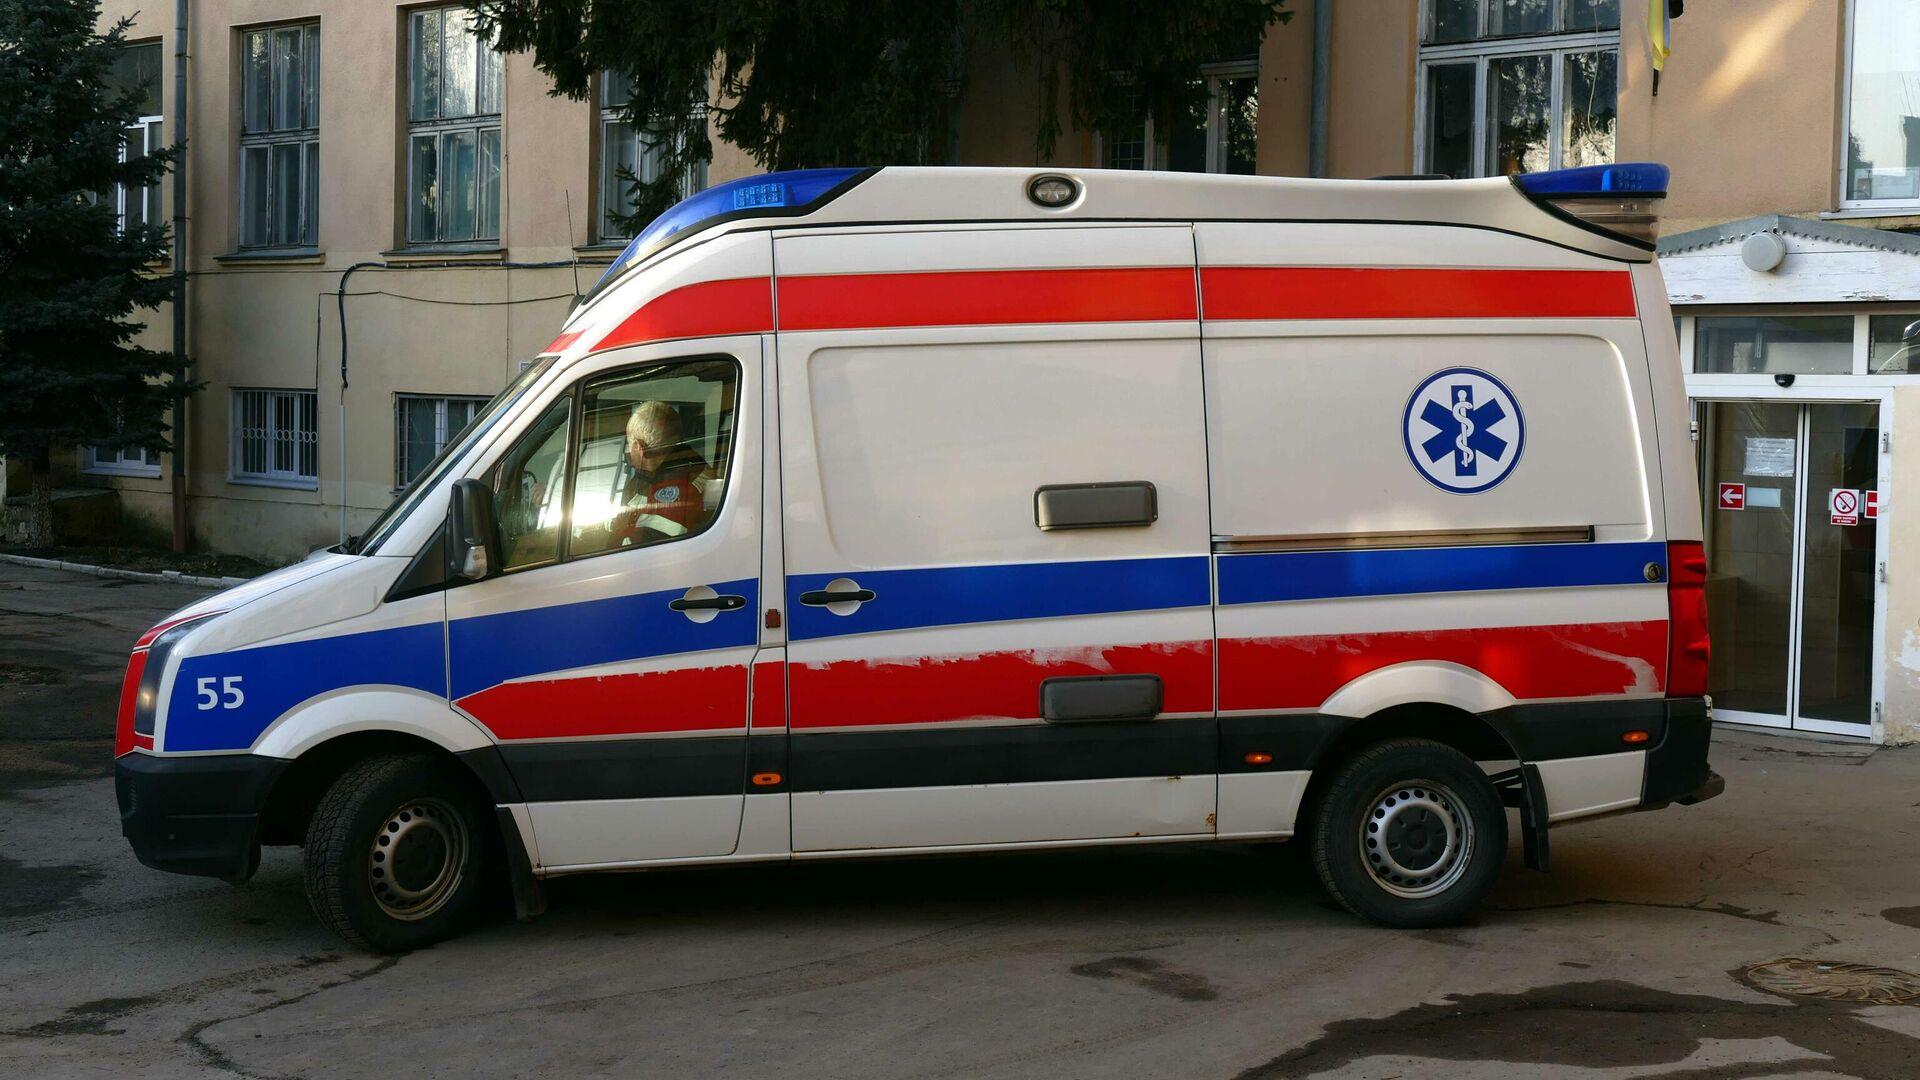 Машина скорой медицинской помощи у городской инфекционной больницы в Ивано-Франковске, Украина0